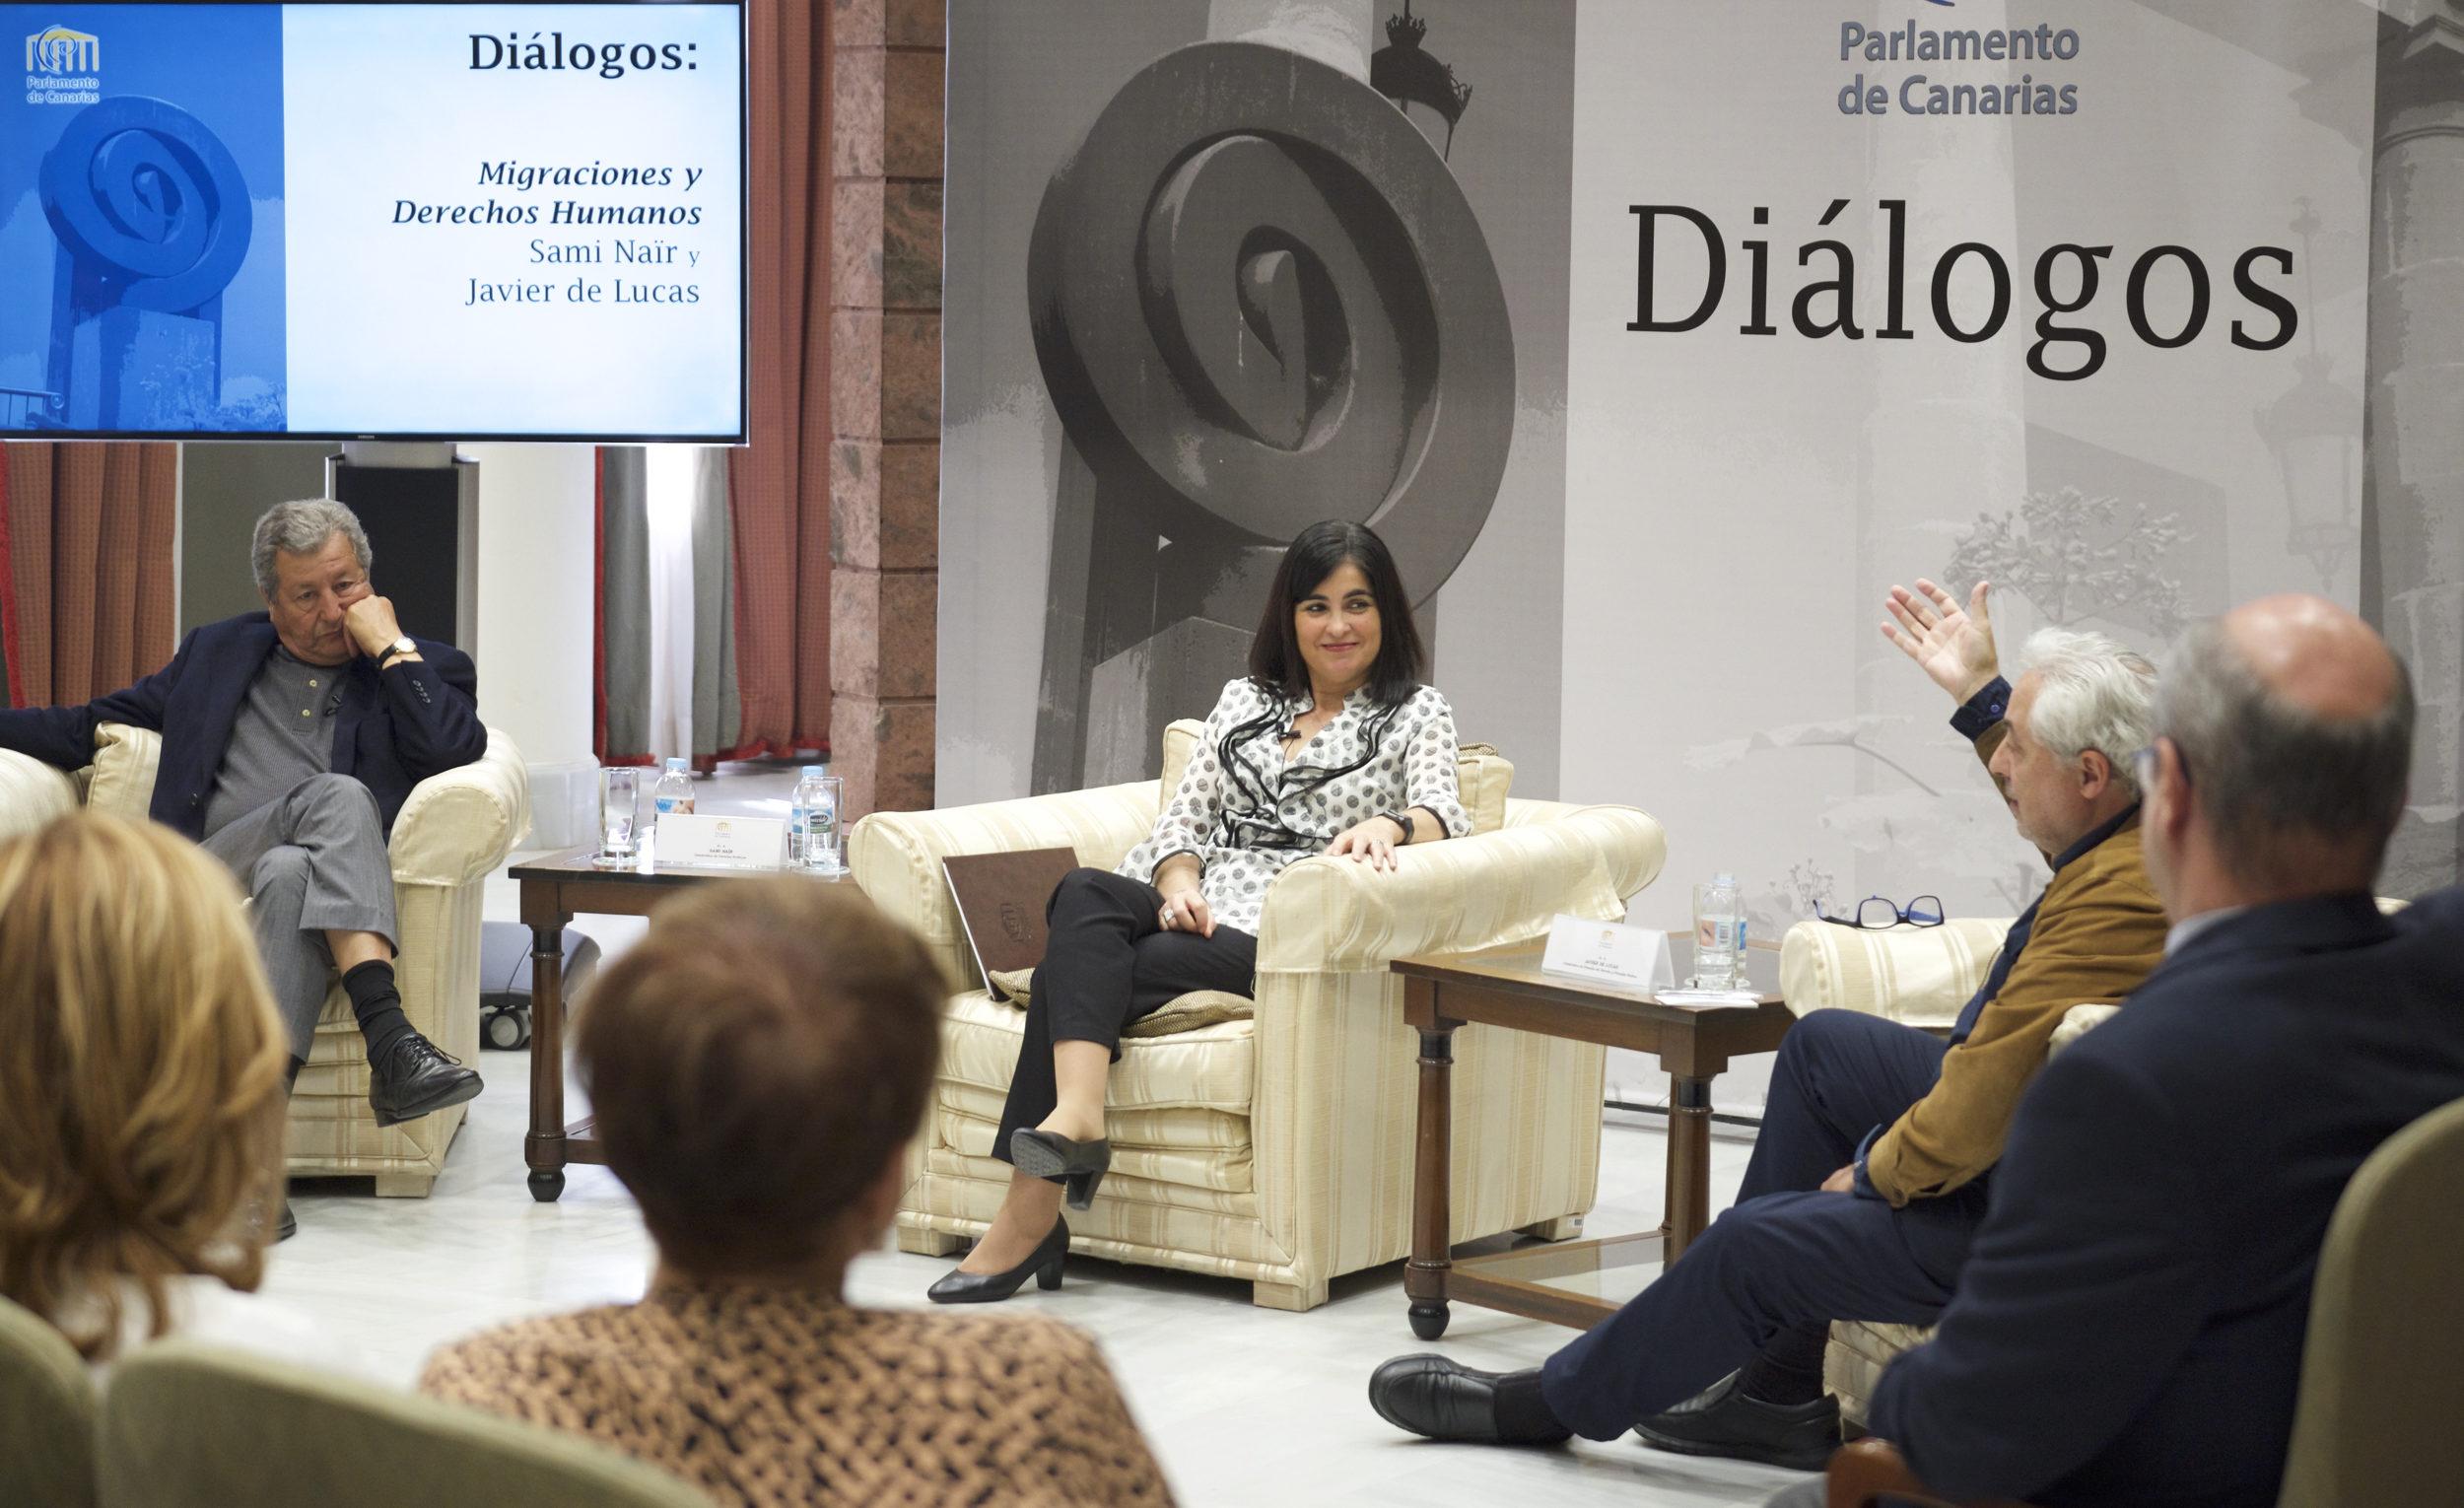 Jornada de Diálogos en el Parlamento de Canarias